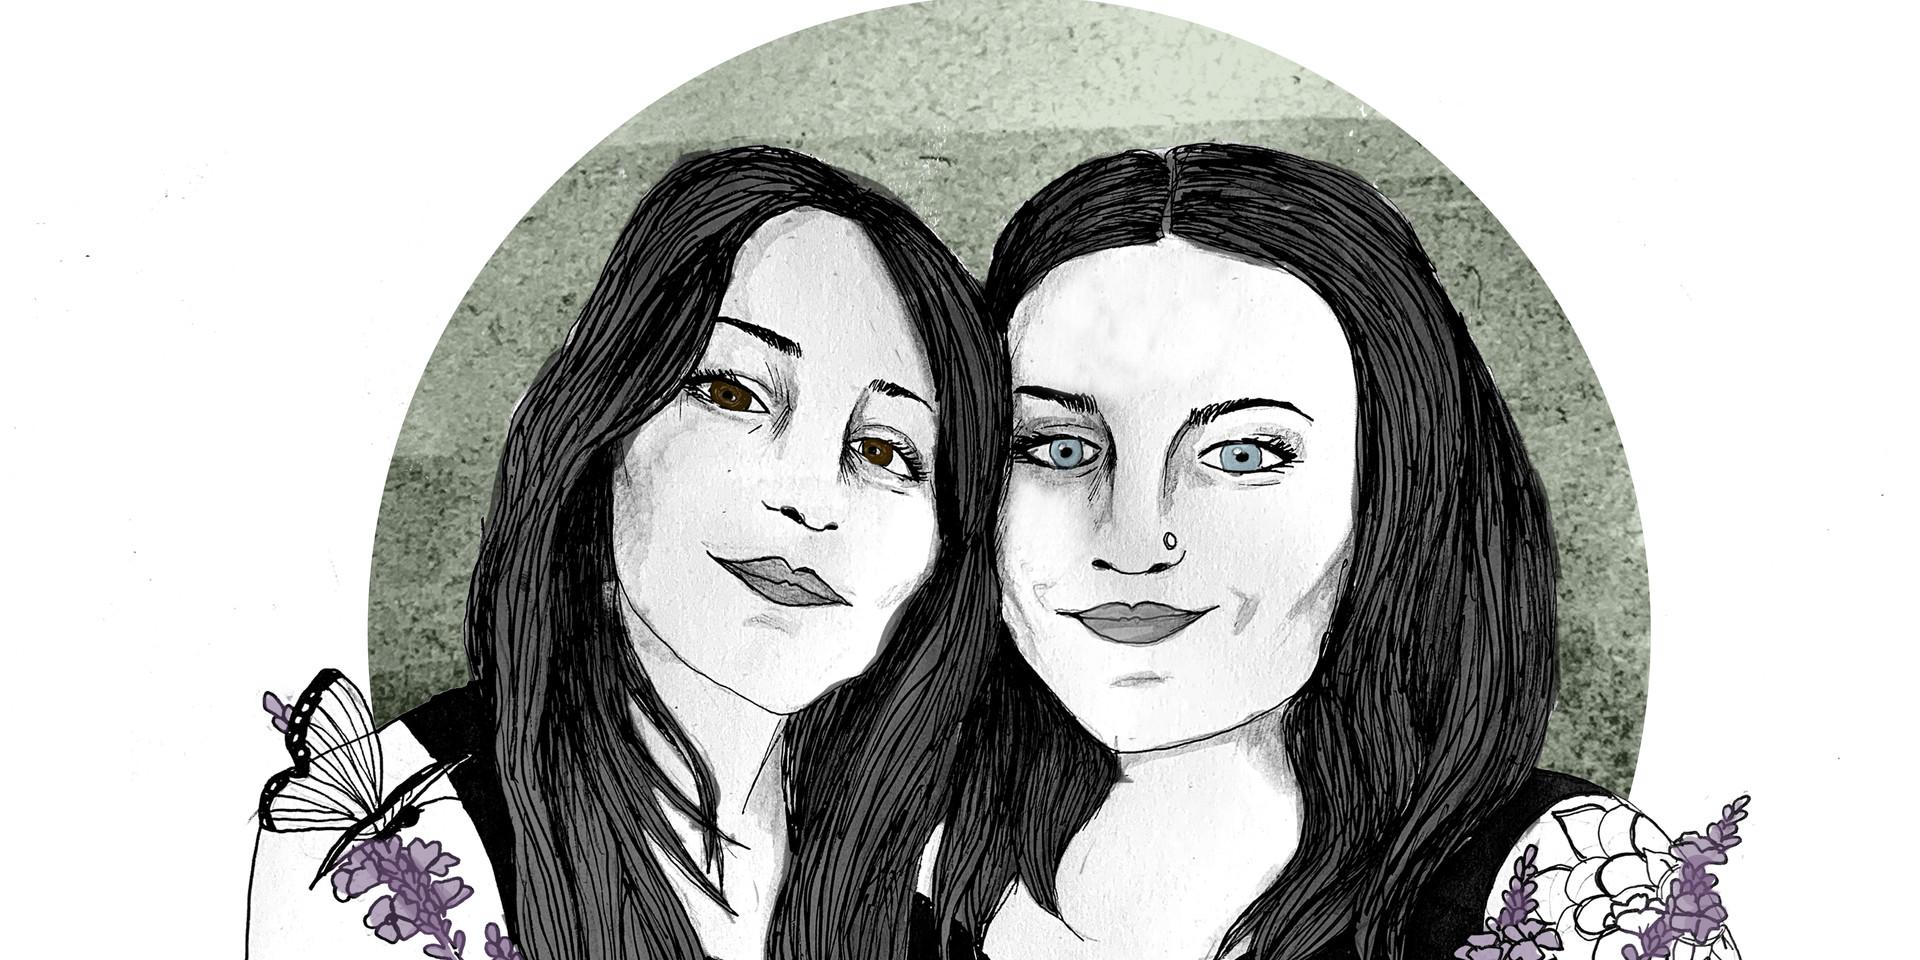 Shawna + Ashley